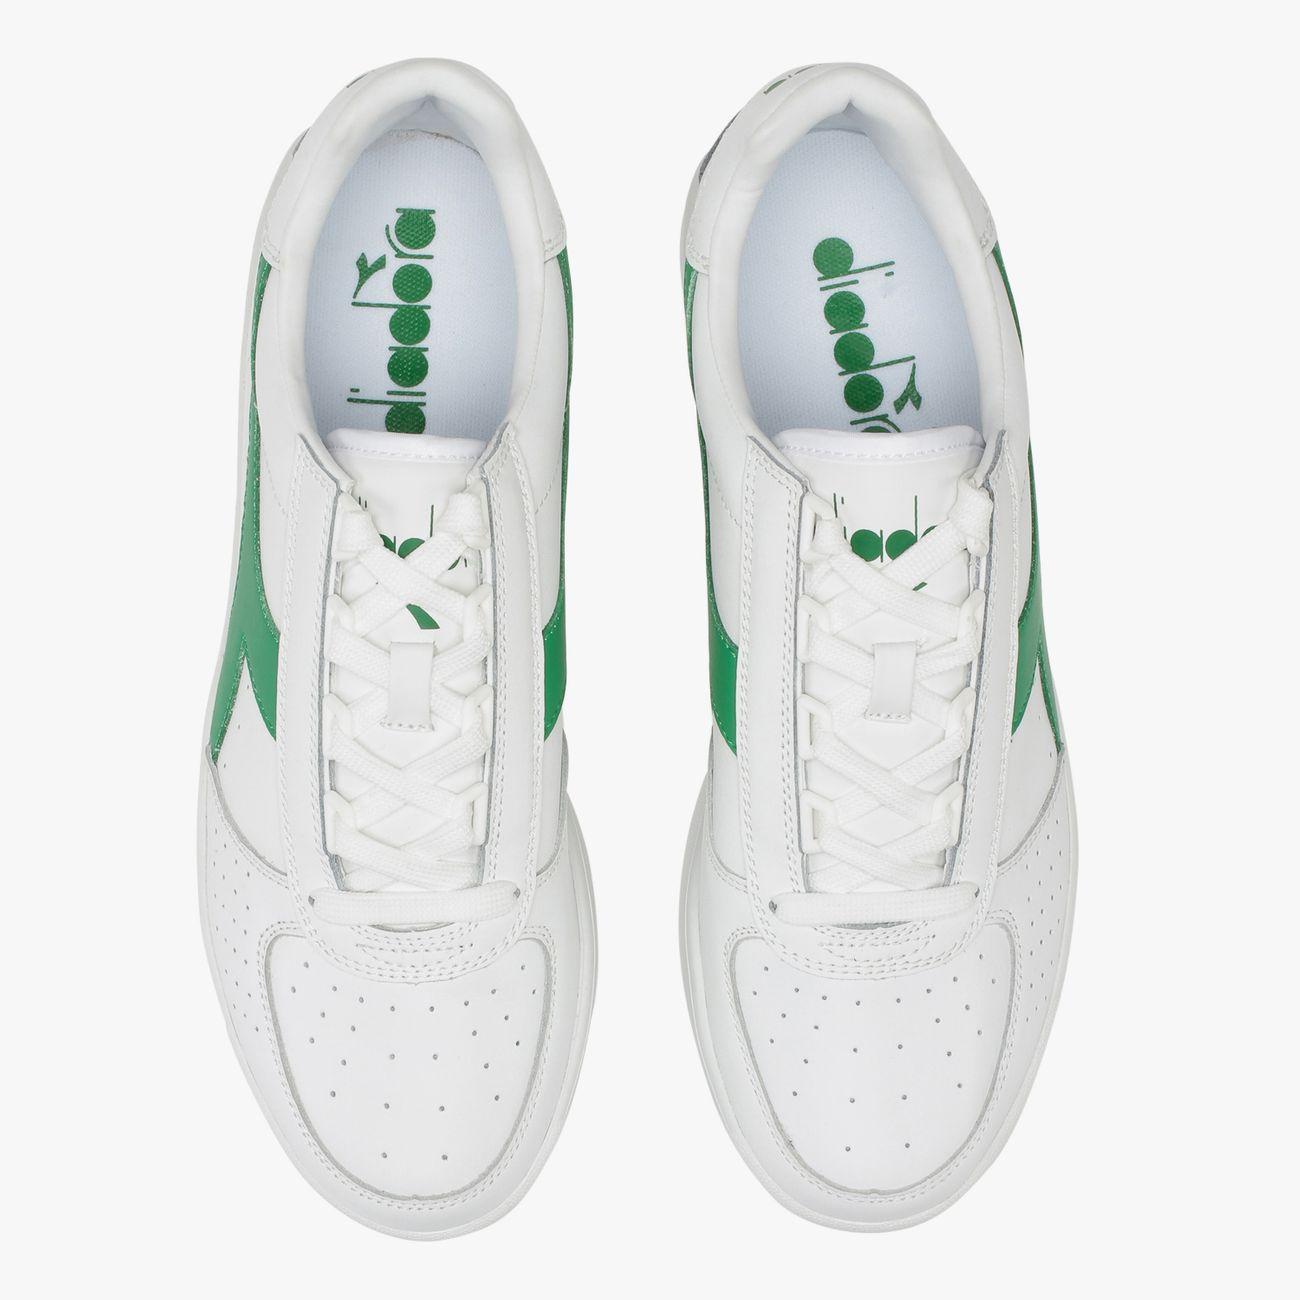 B ModeLifestyle Adulte Diadora Chaussures elite droCxBe